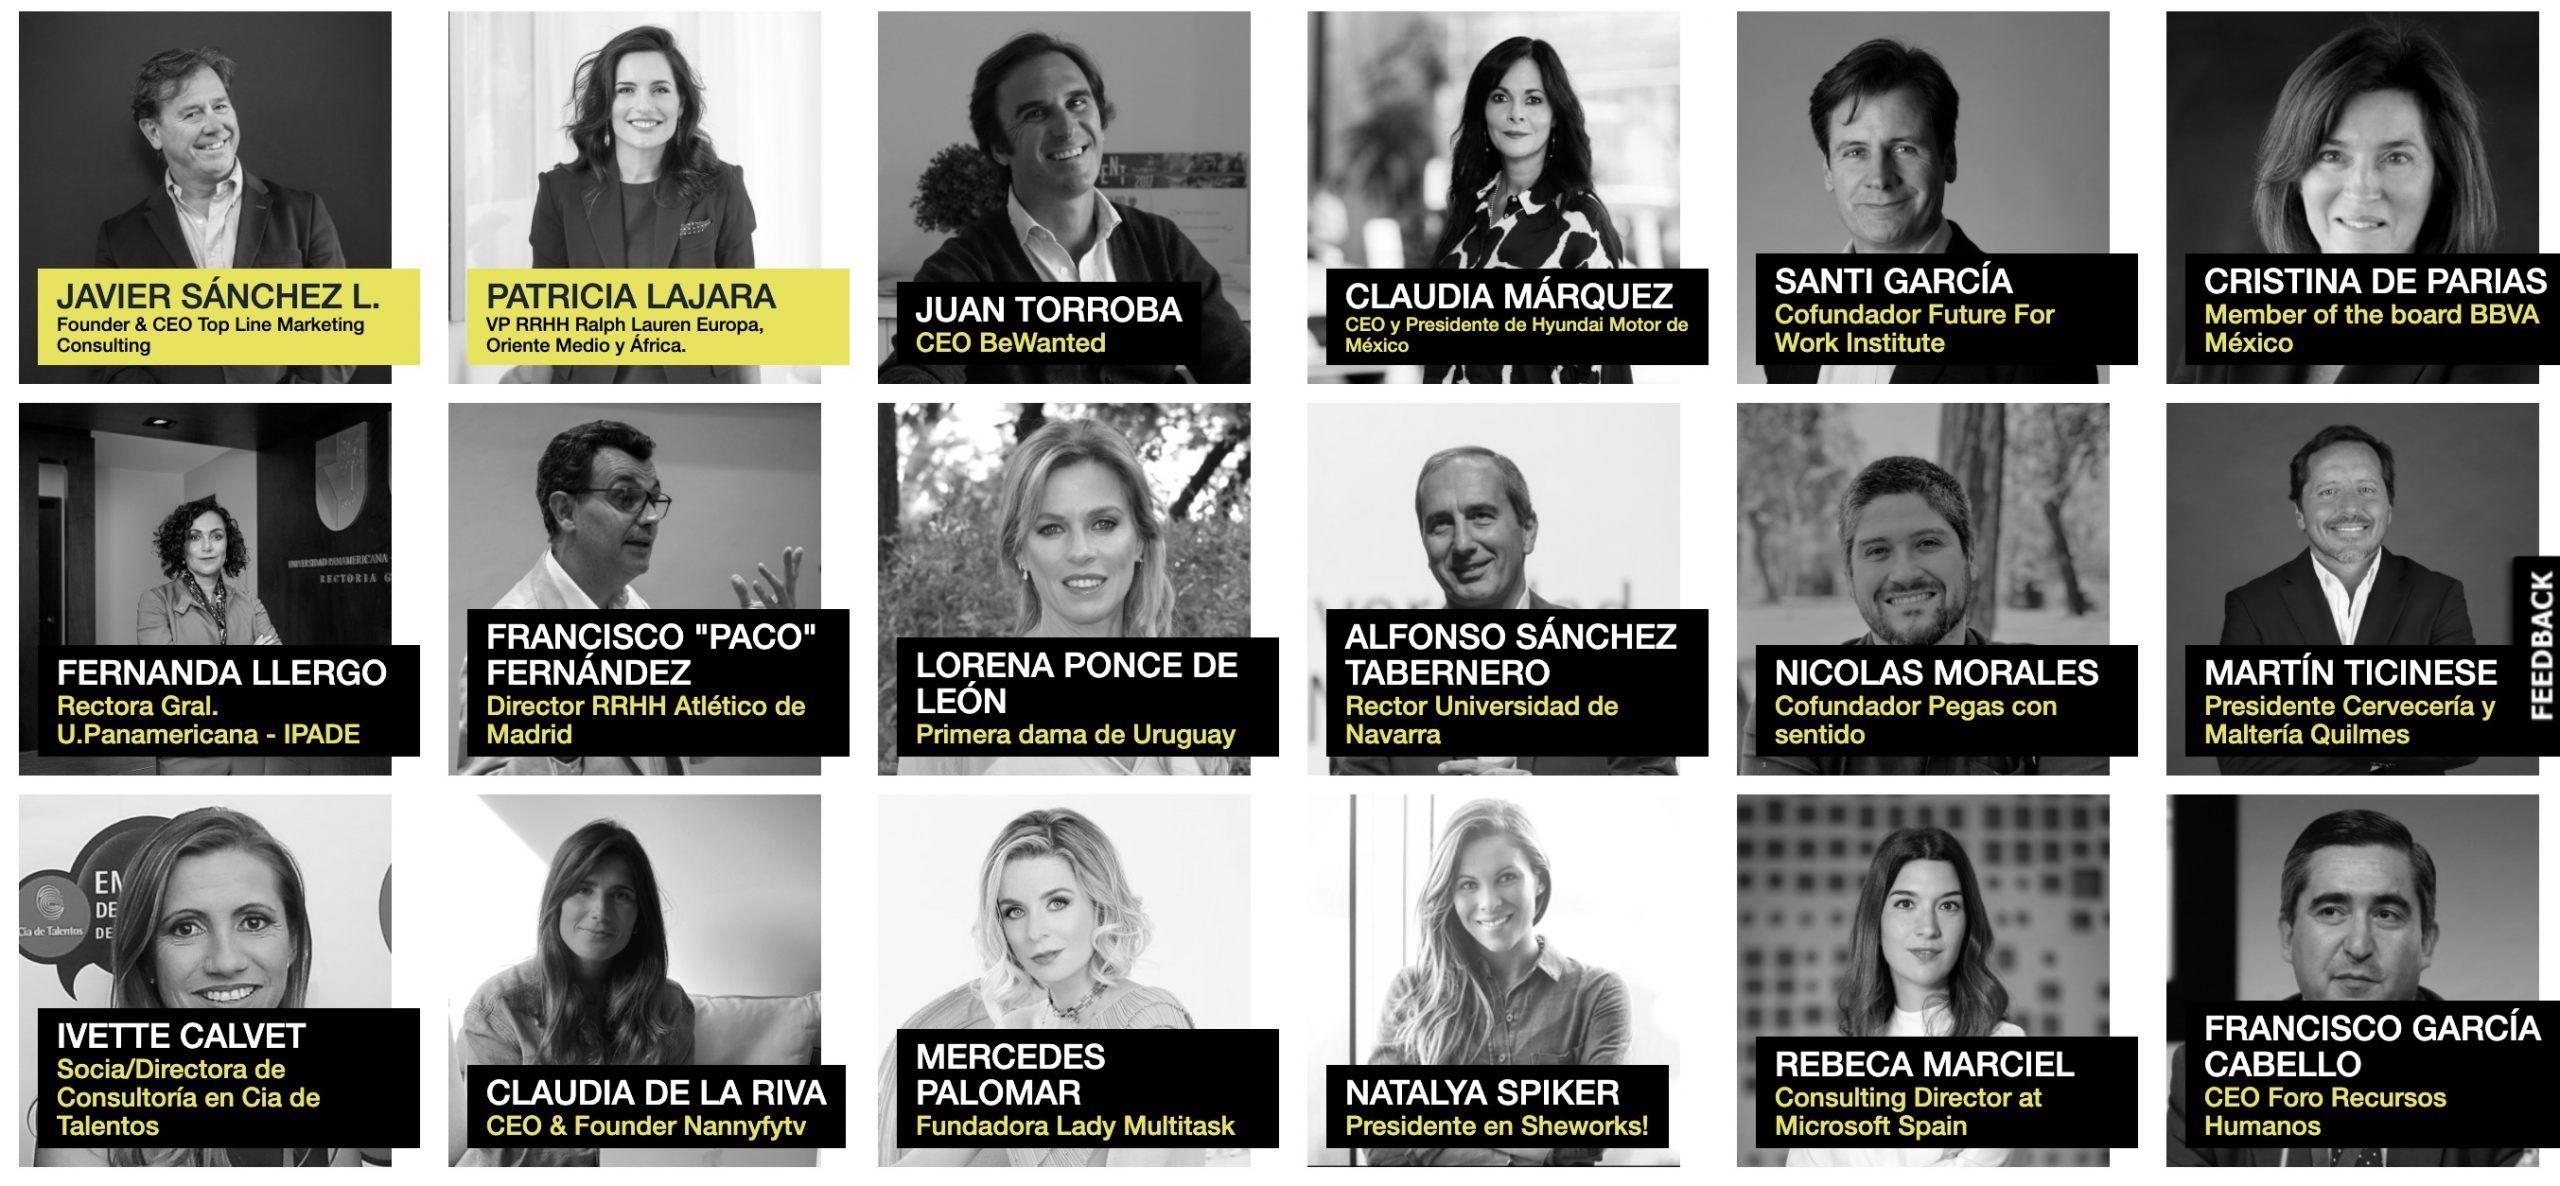 Ponentes del Iberoamerican Work Challenge Forum.